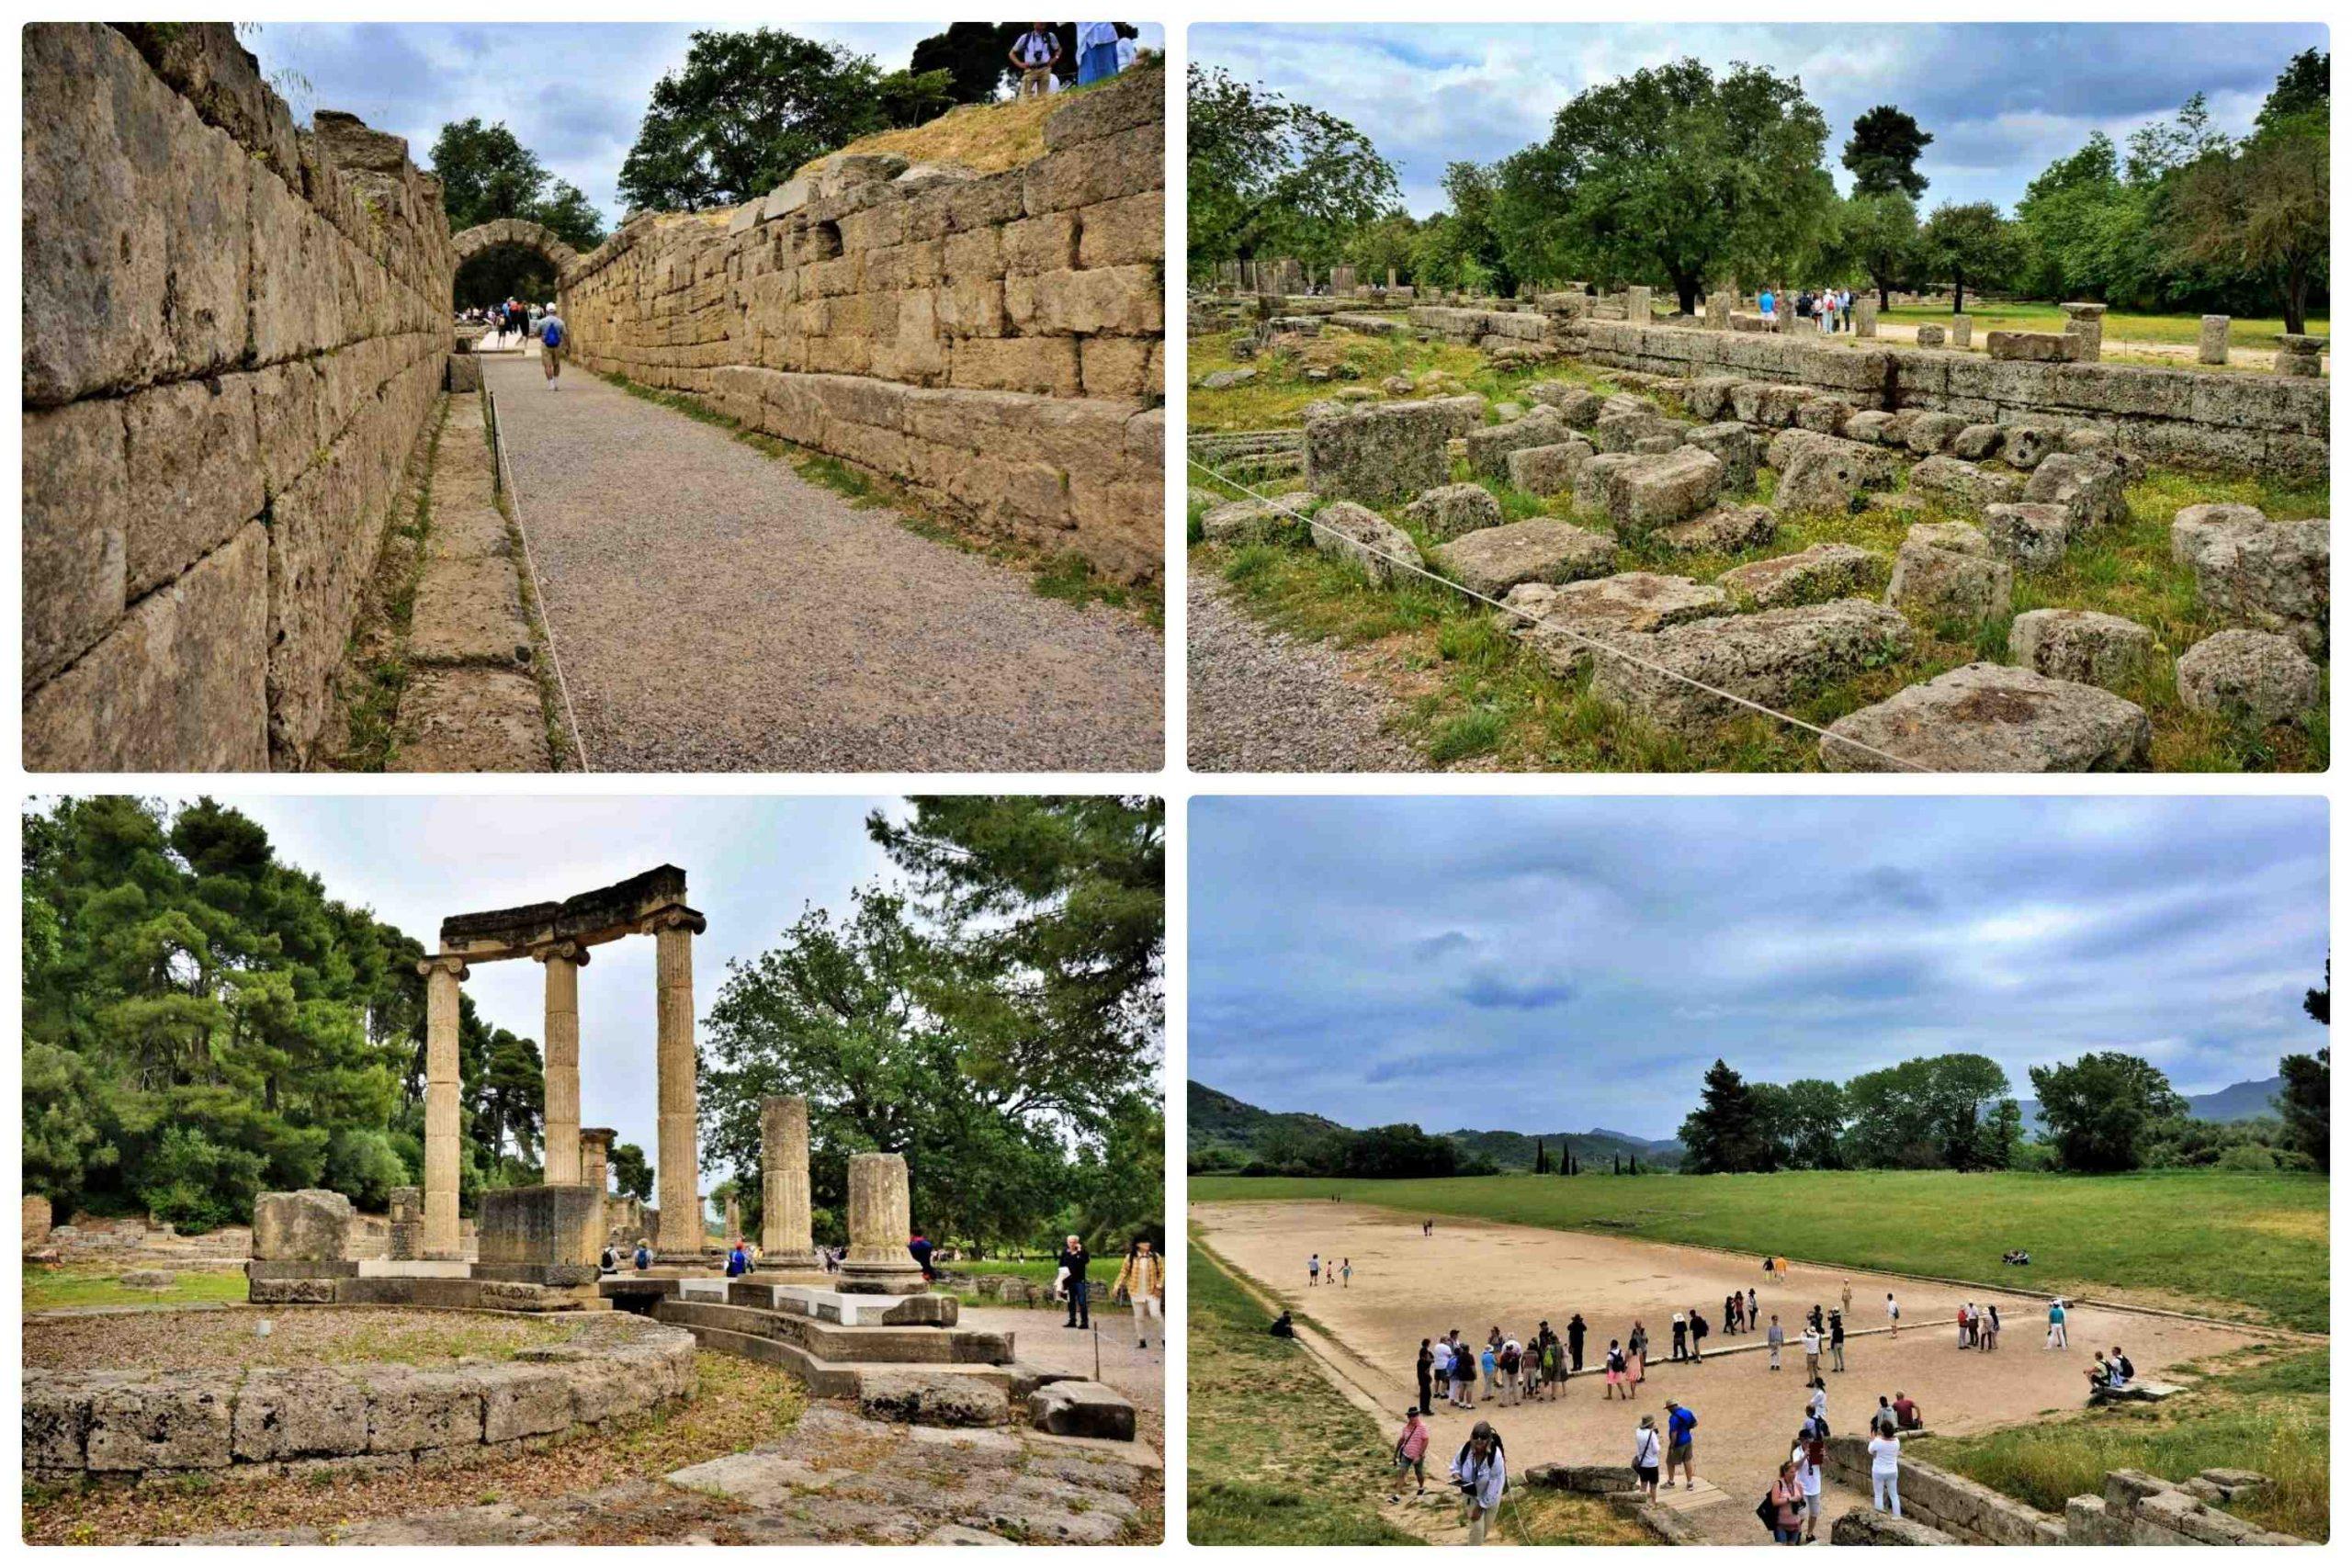 希臘奧林匹亞一日遊 - 奧林匹亞的遺址